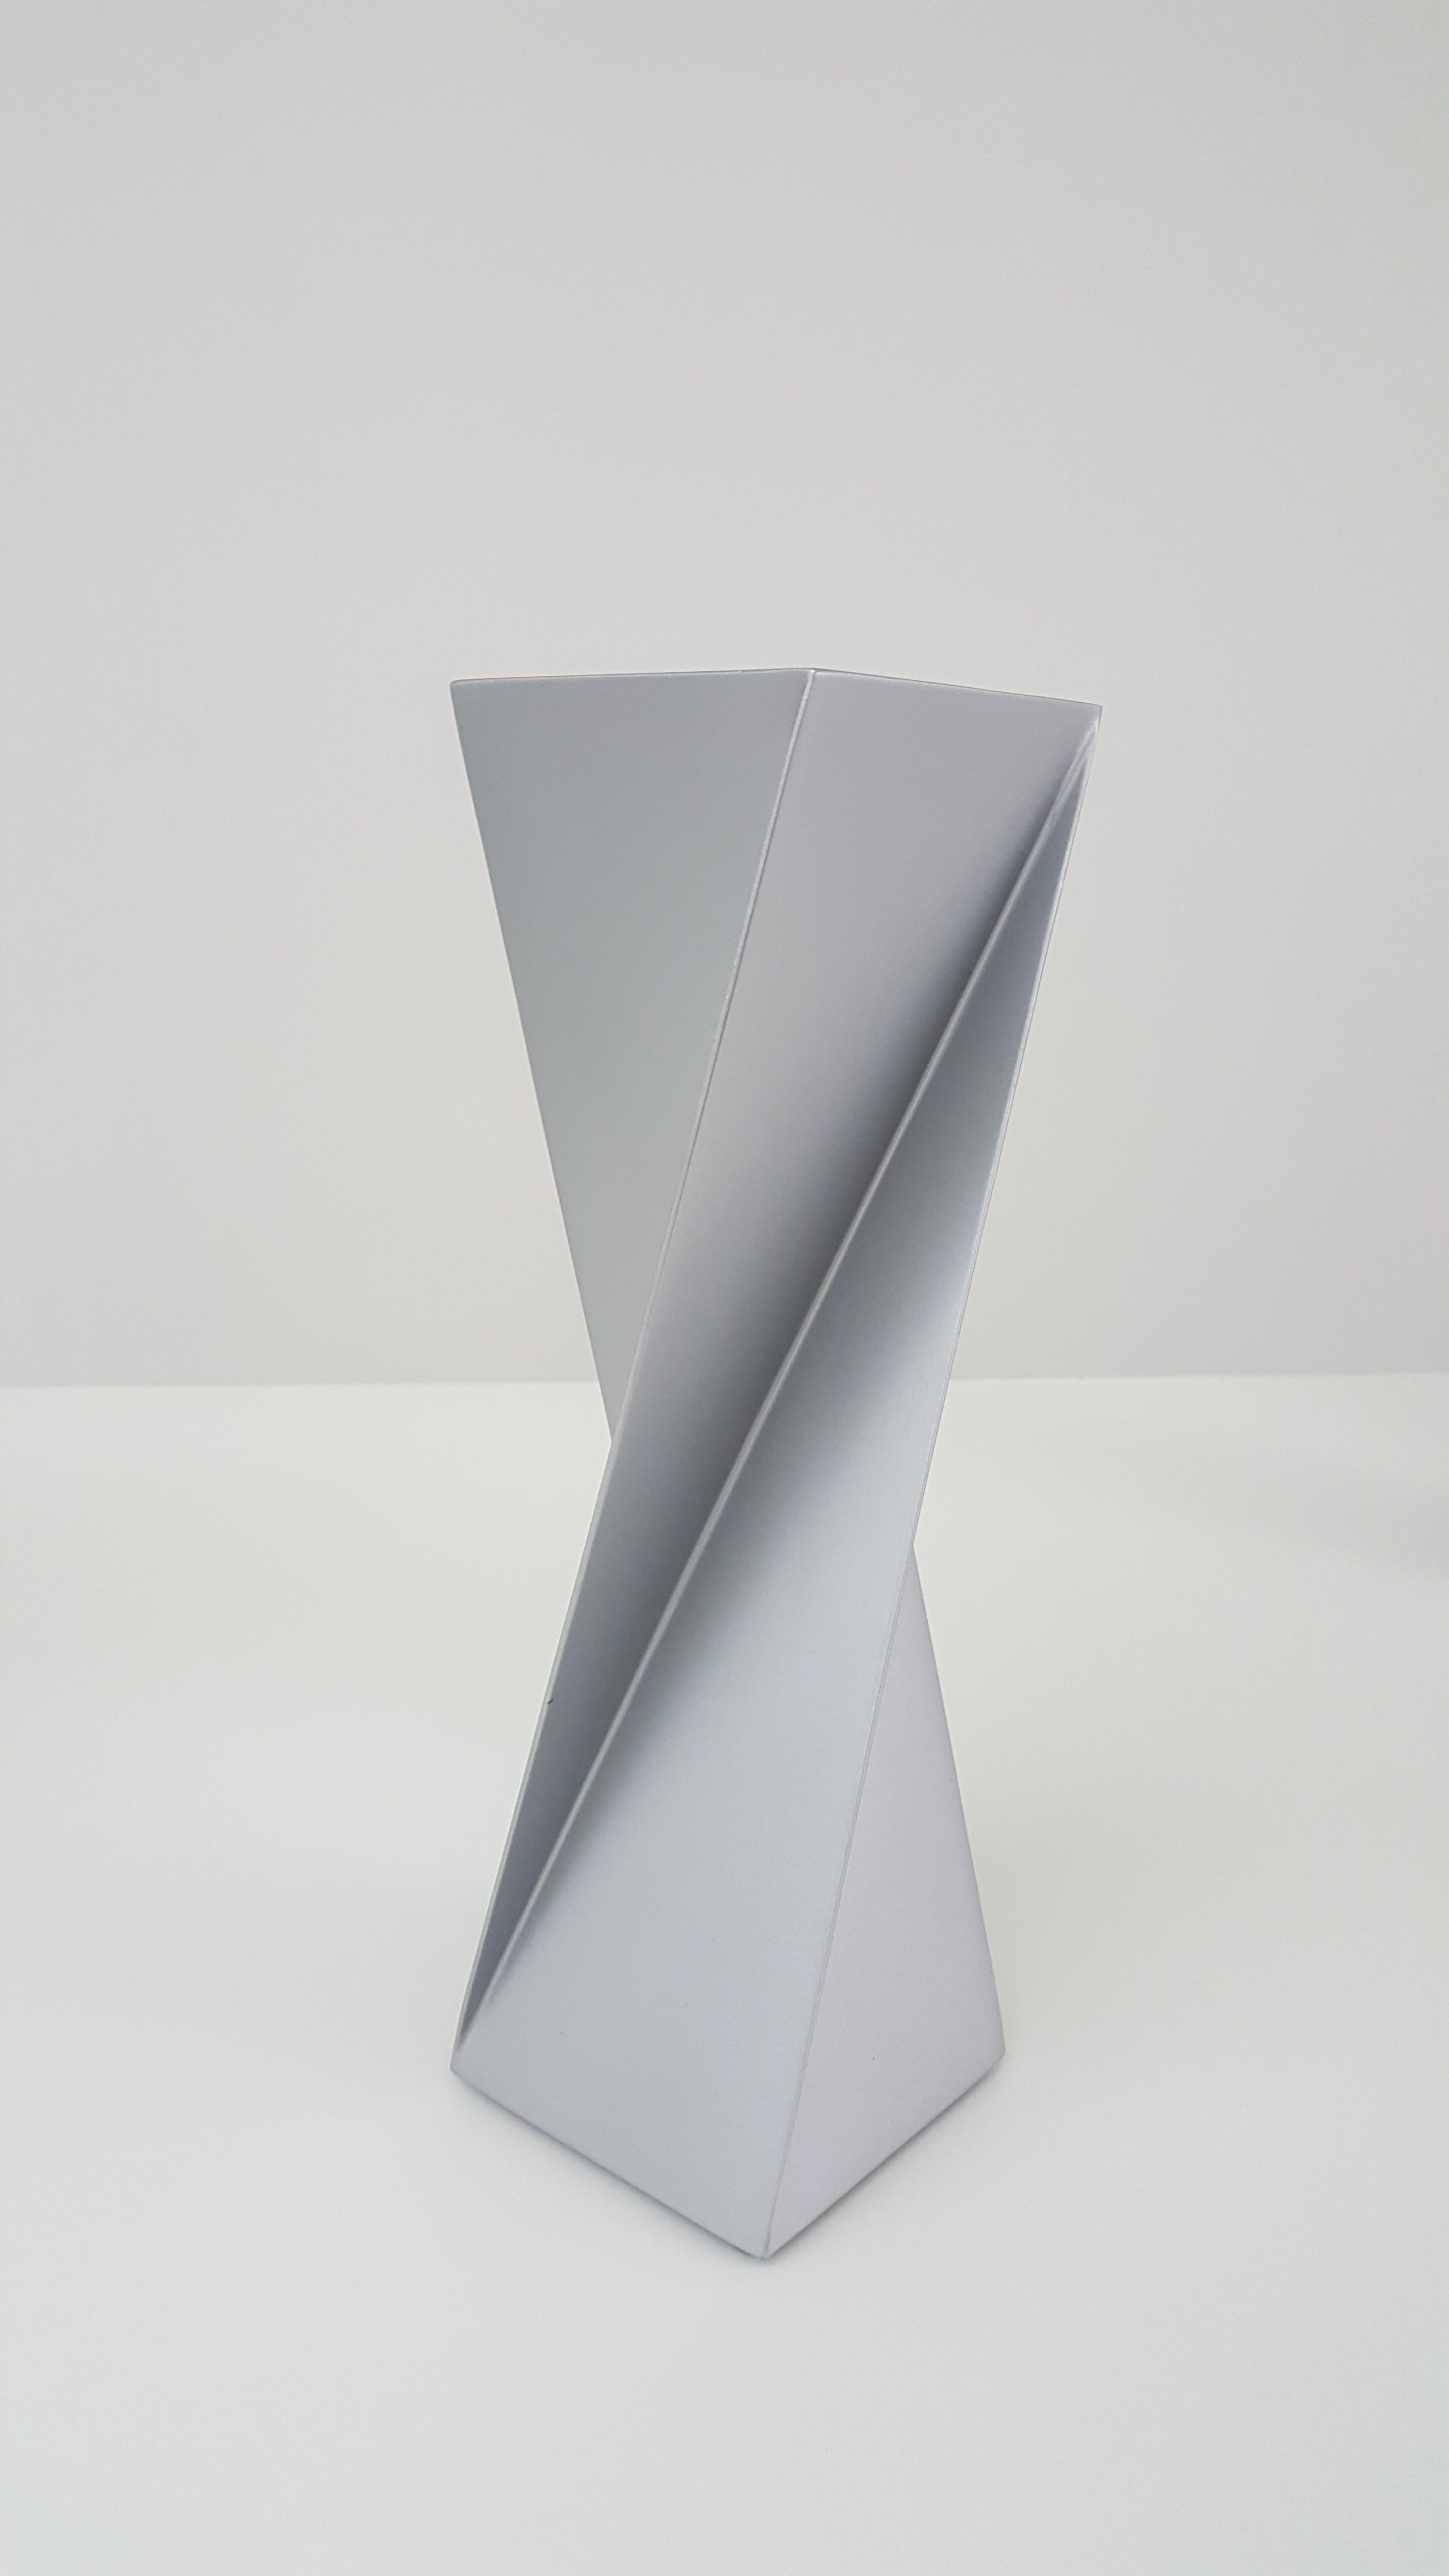 Sérvulo Esmeraldo, Torção, Escultura em chapa de aço inox, pintado, 33 x 10 x 10 cm, 1977 / 2012 Torção, Escultura em chapa de aço inox, pintado, 33 x 10 x 10 cm, 1977 / 2012